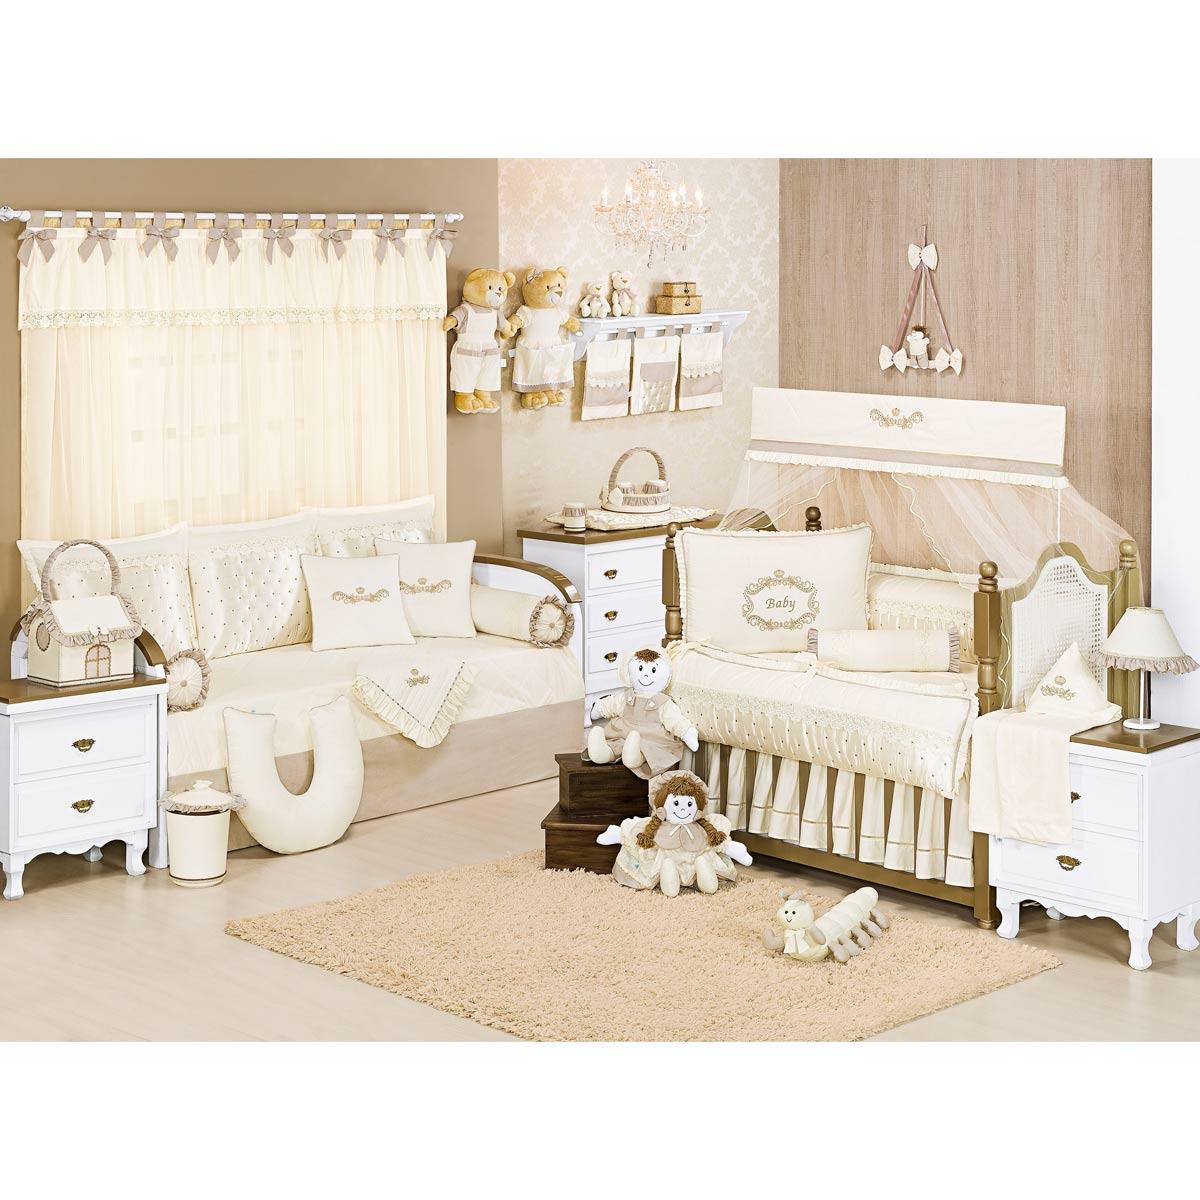 Enfeite de Porta para Quarto de Bebê - Coleção Imperial Palha